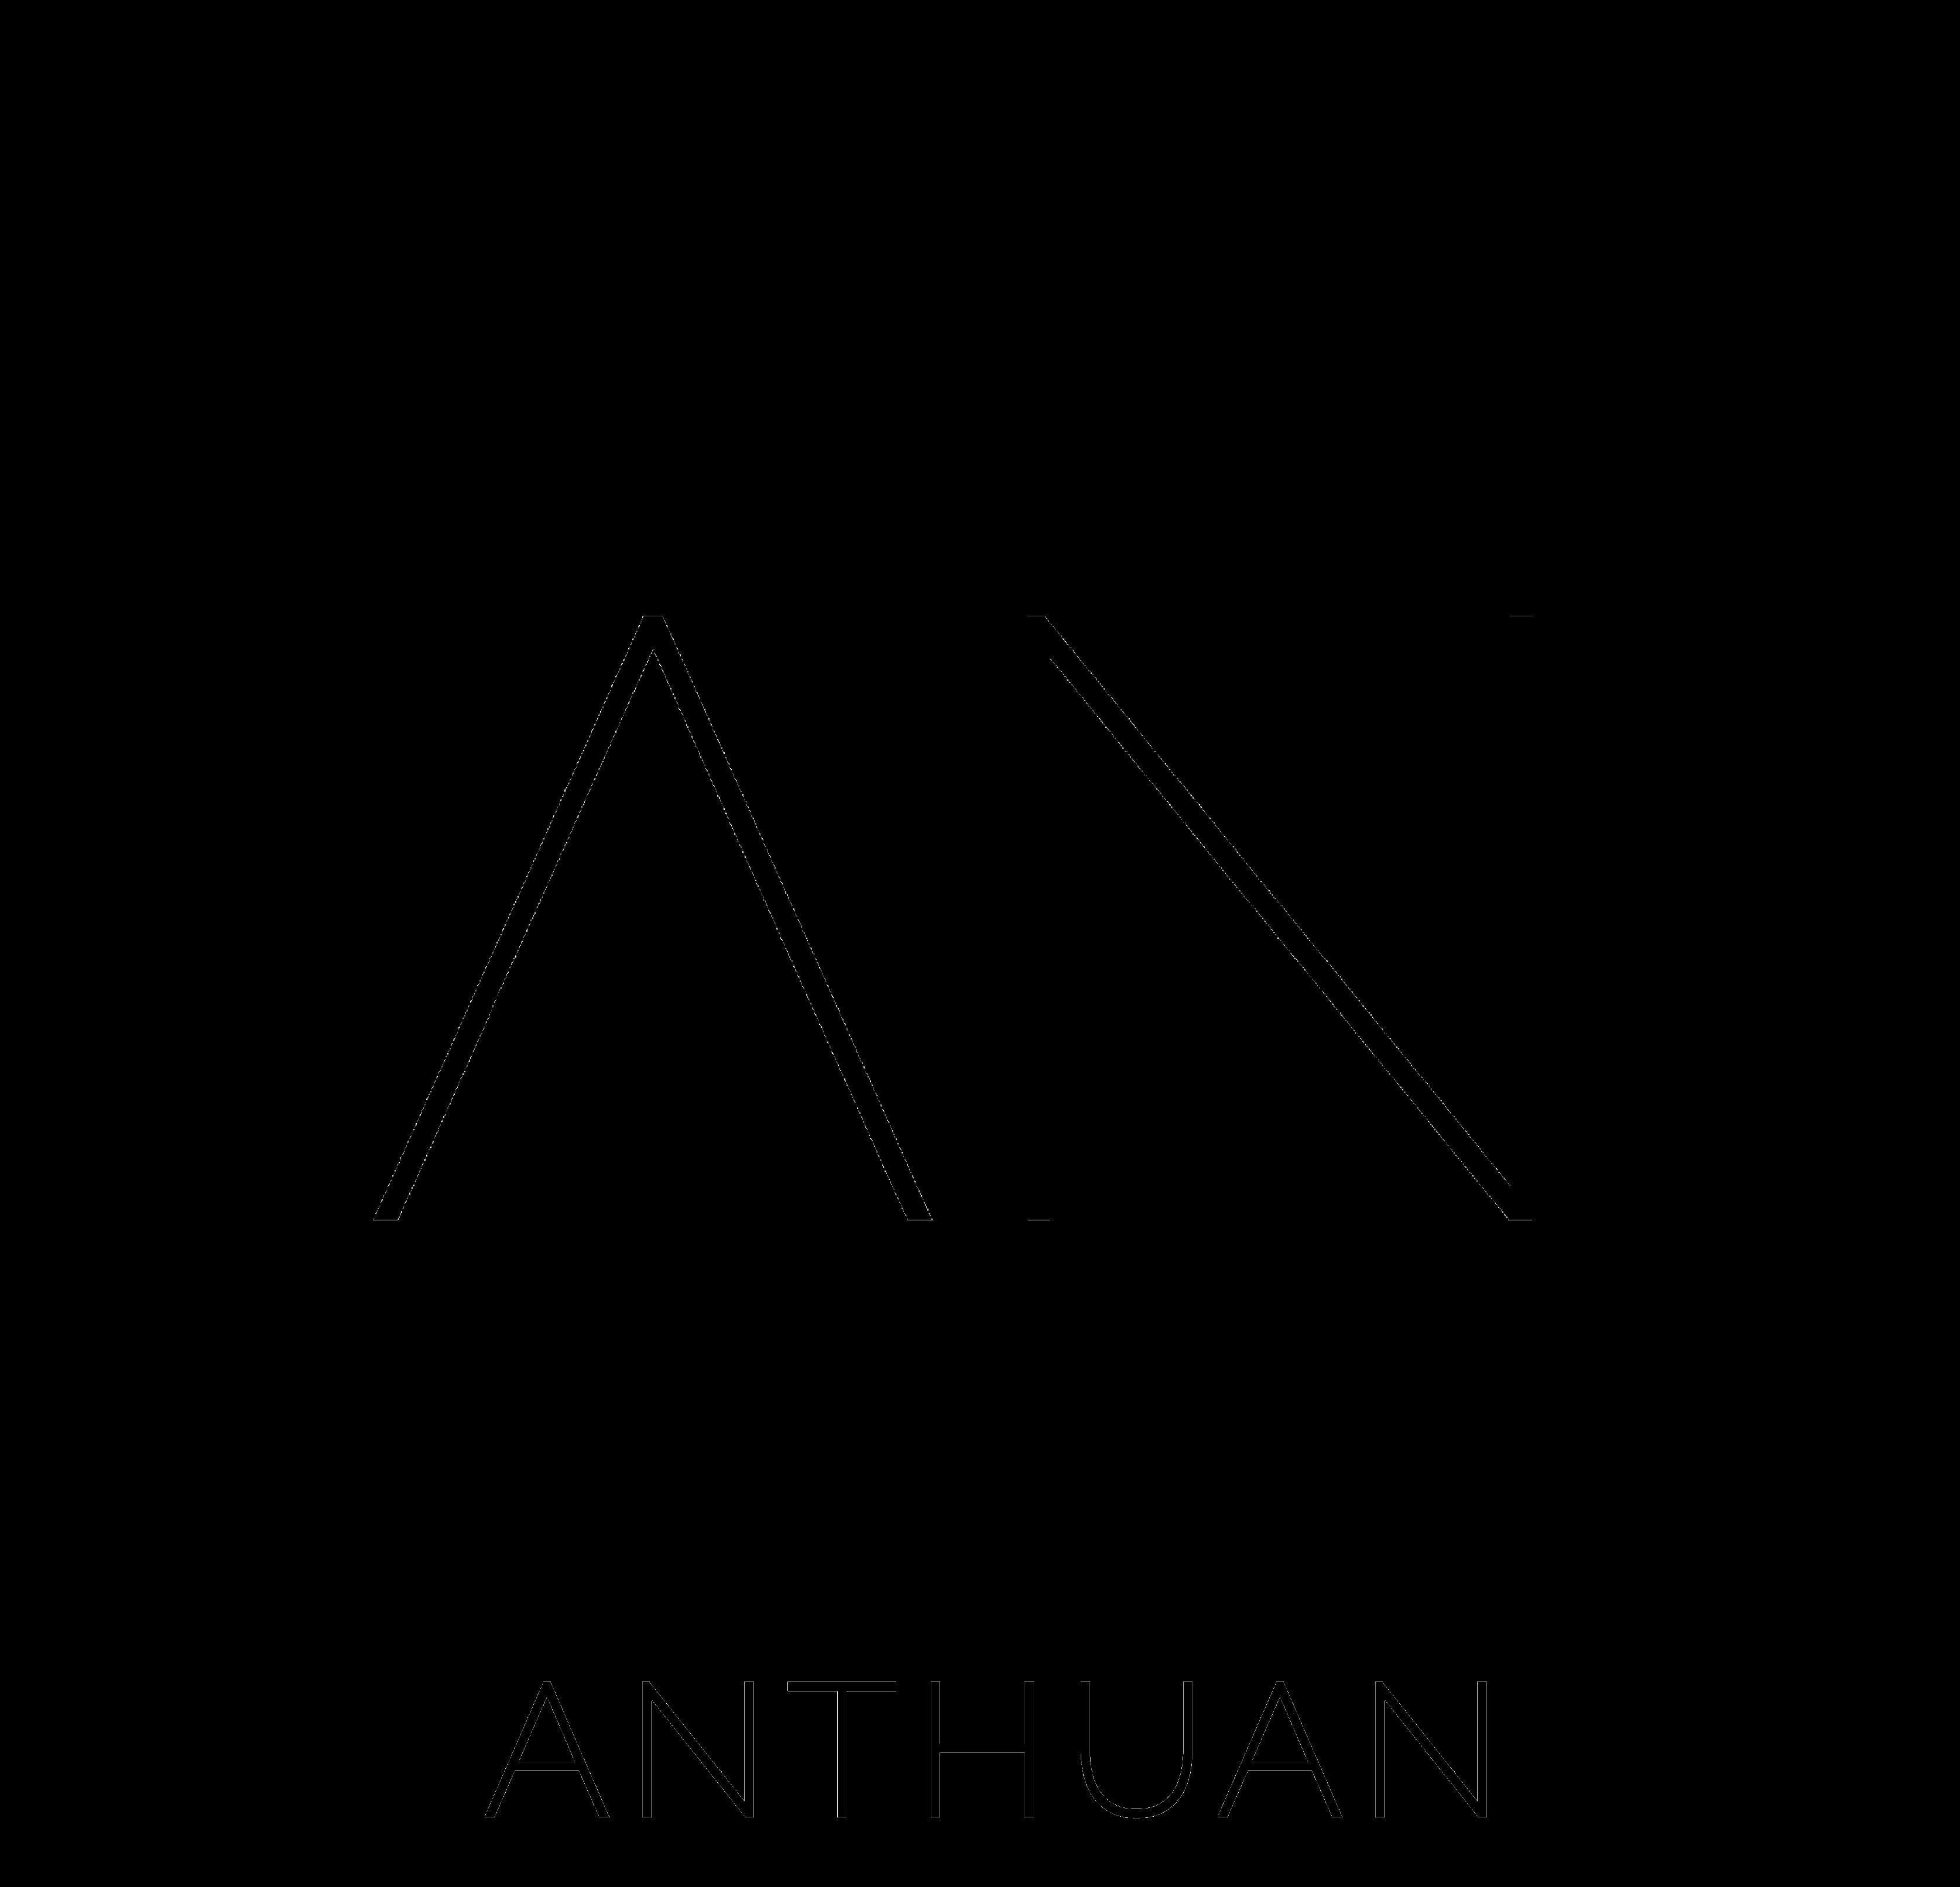 Anton Kettunen | Artisti, lauluntekijä ja näyttelijä